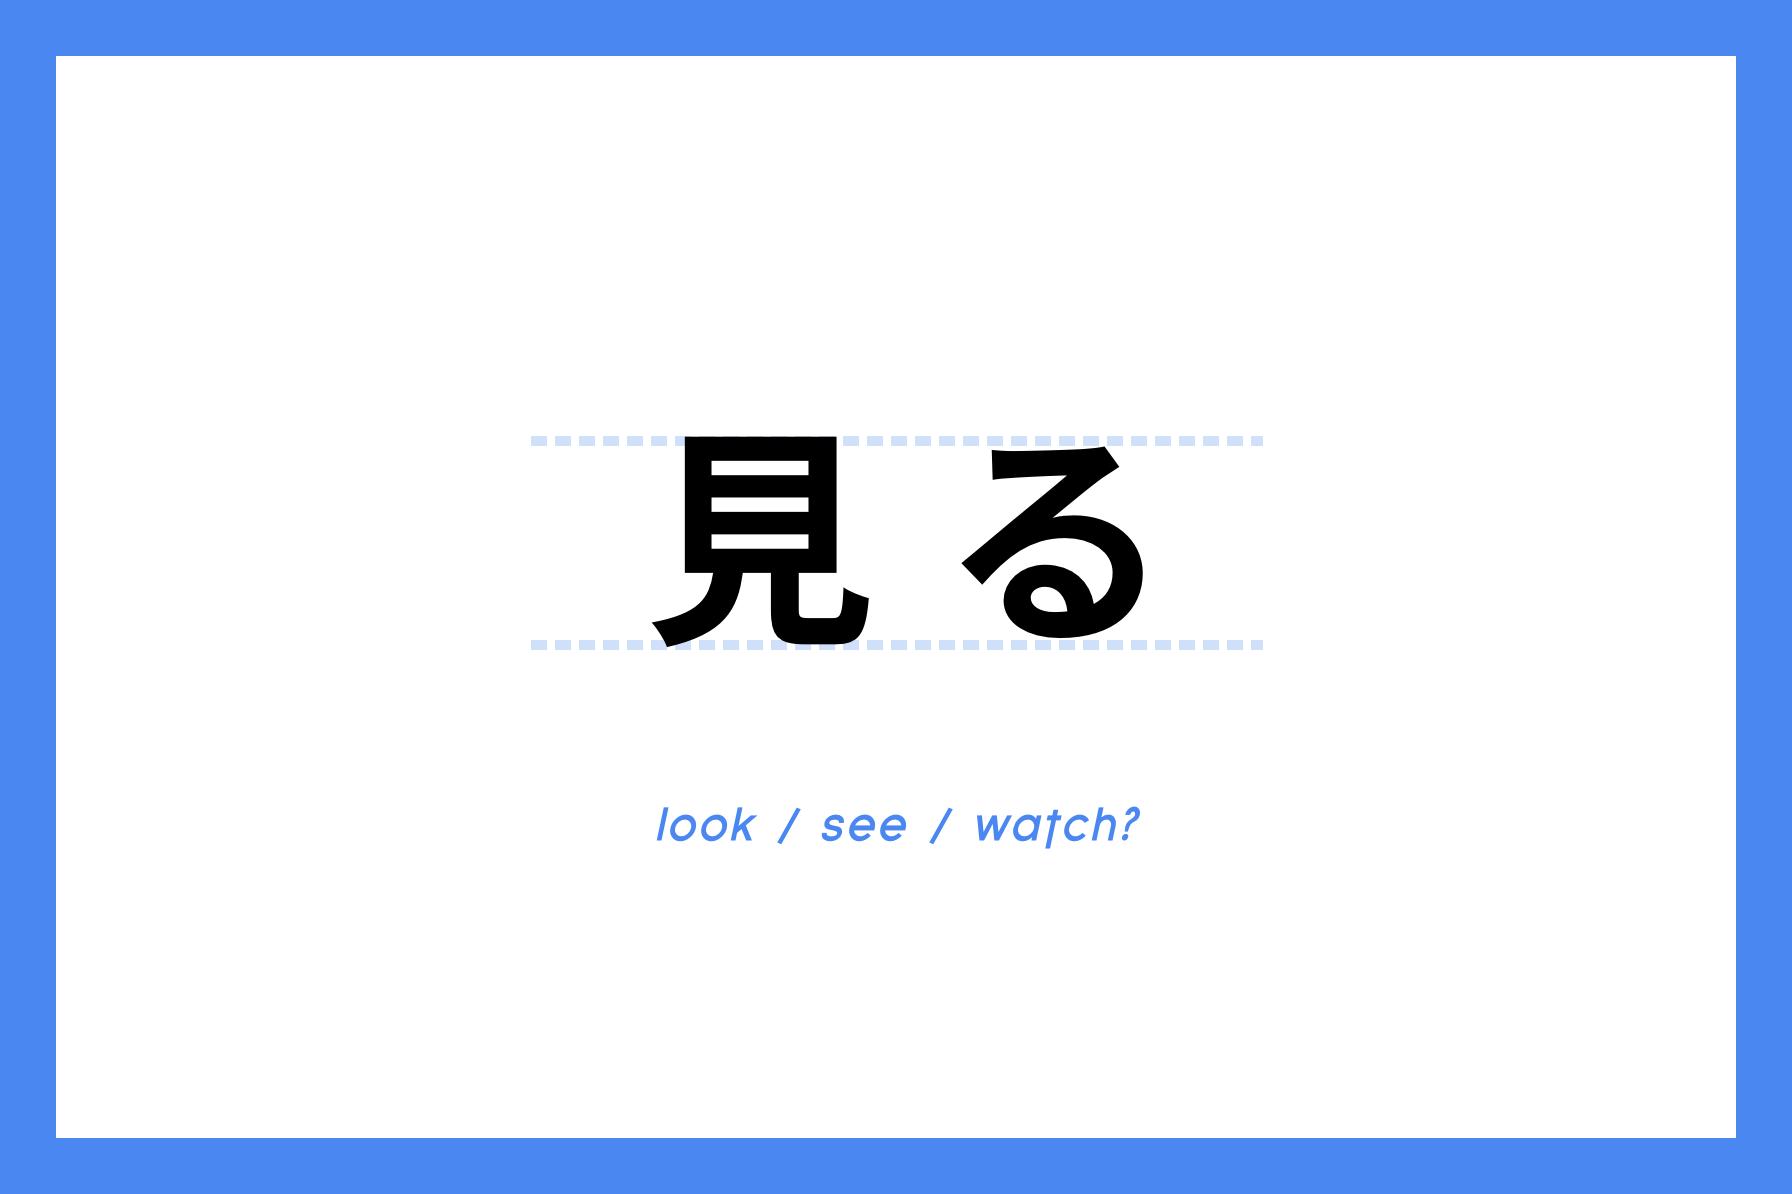 アイキャッチ画像:UIをつくるための思考: はじめから動かさない